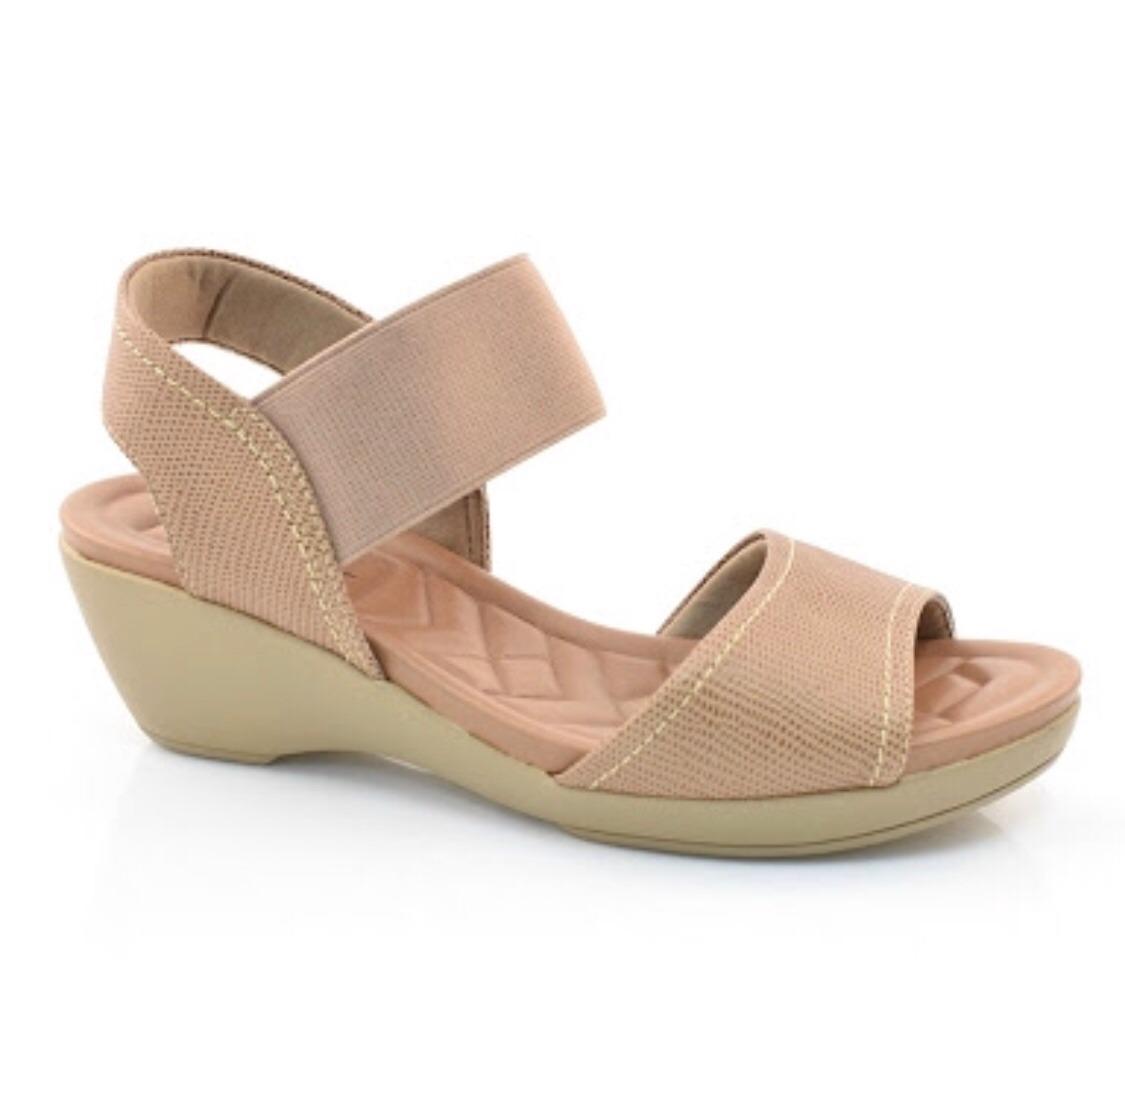 f51677213a sandália de couro salto baixo usaflex w 0308 50 bege. Carregando zoom.